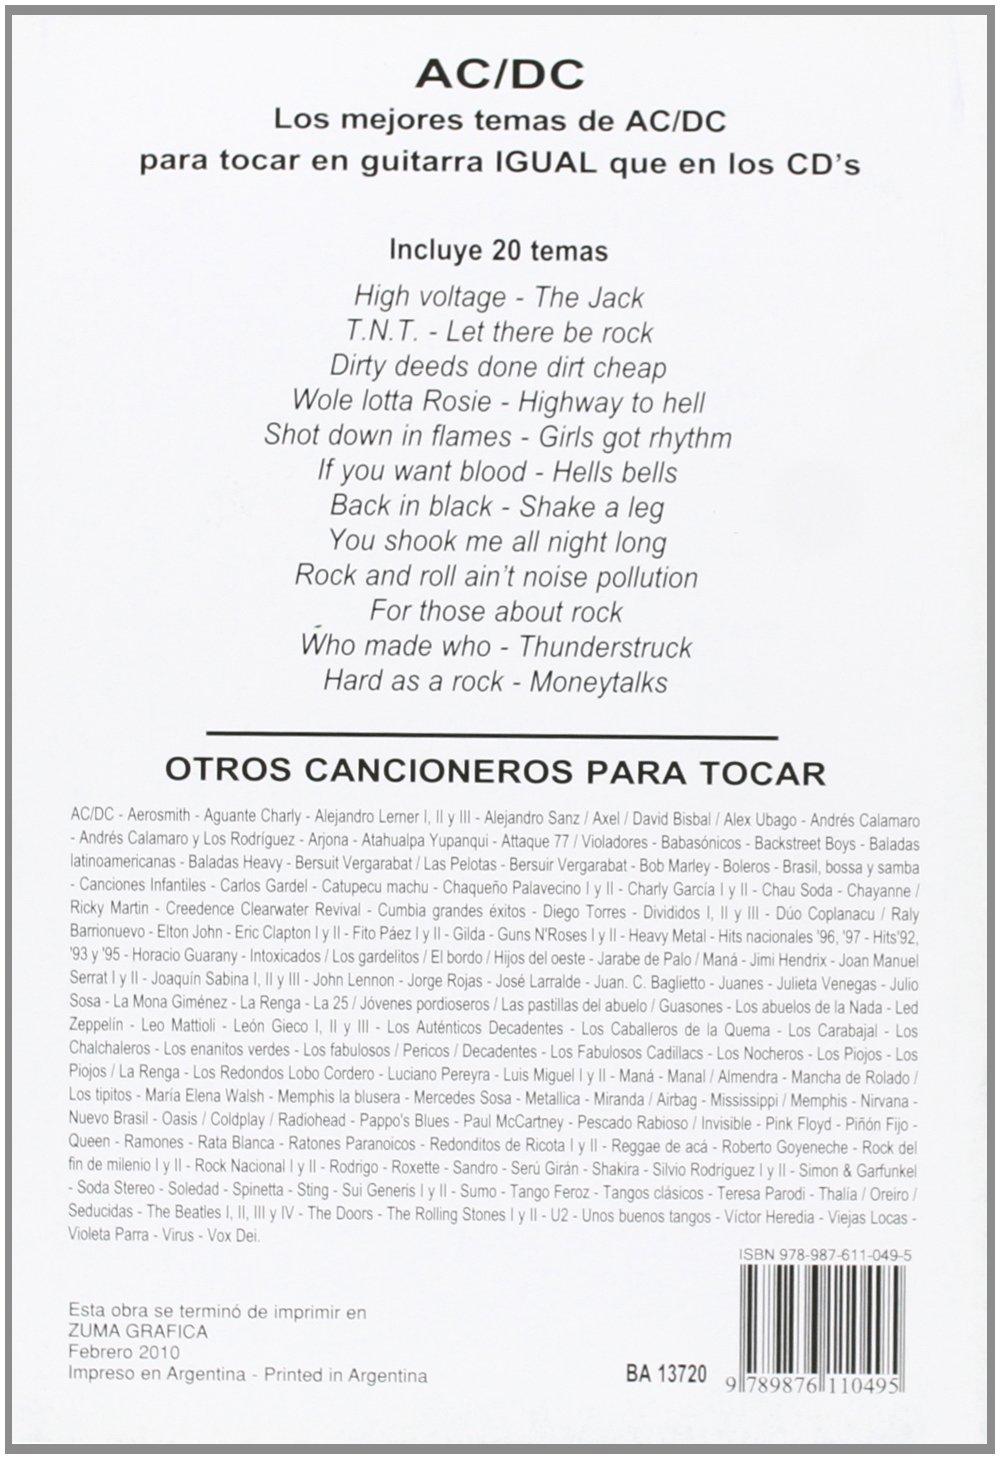 PARA TOCAR AC/DC: Amazon.es: Ac/Dc: Libros